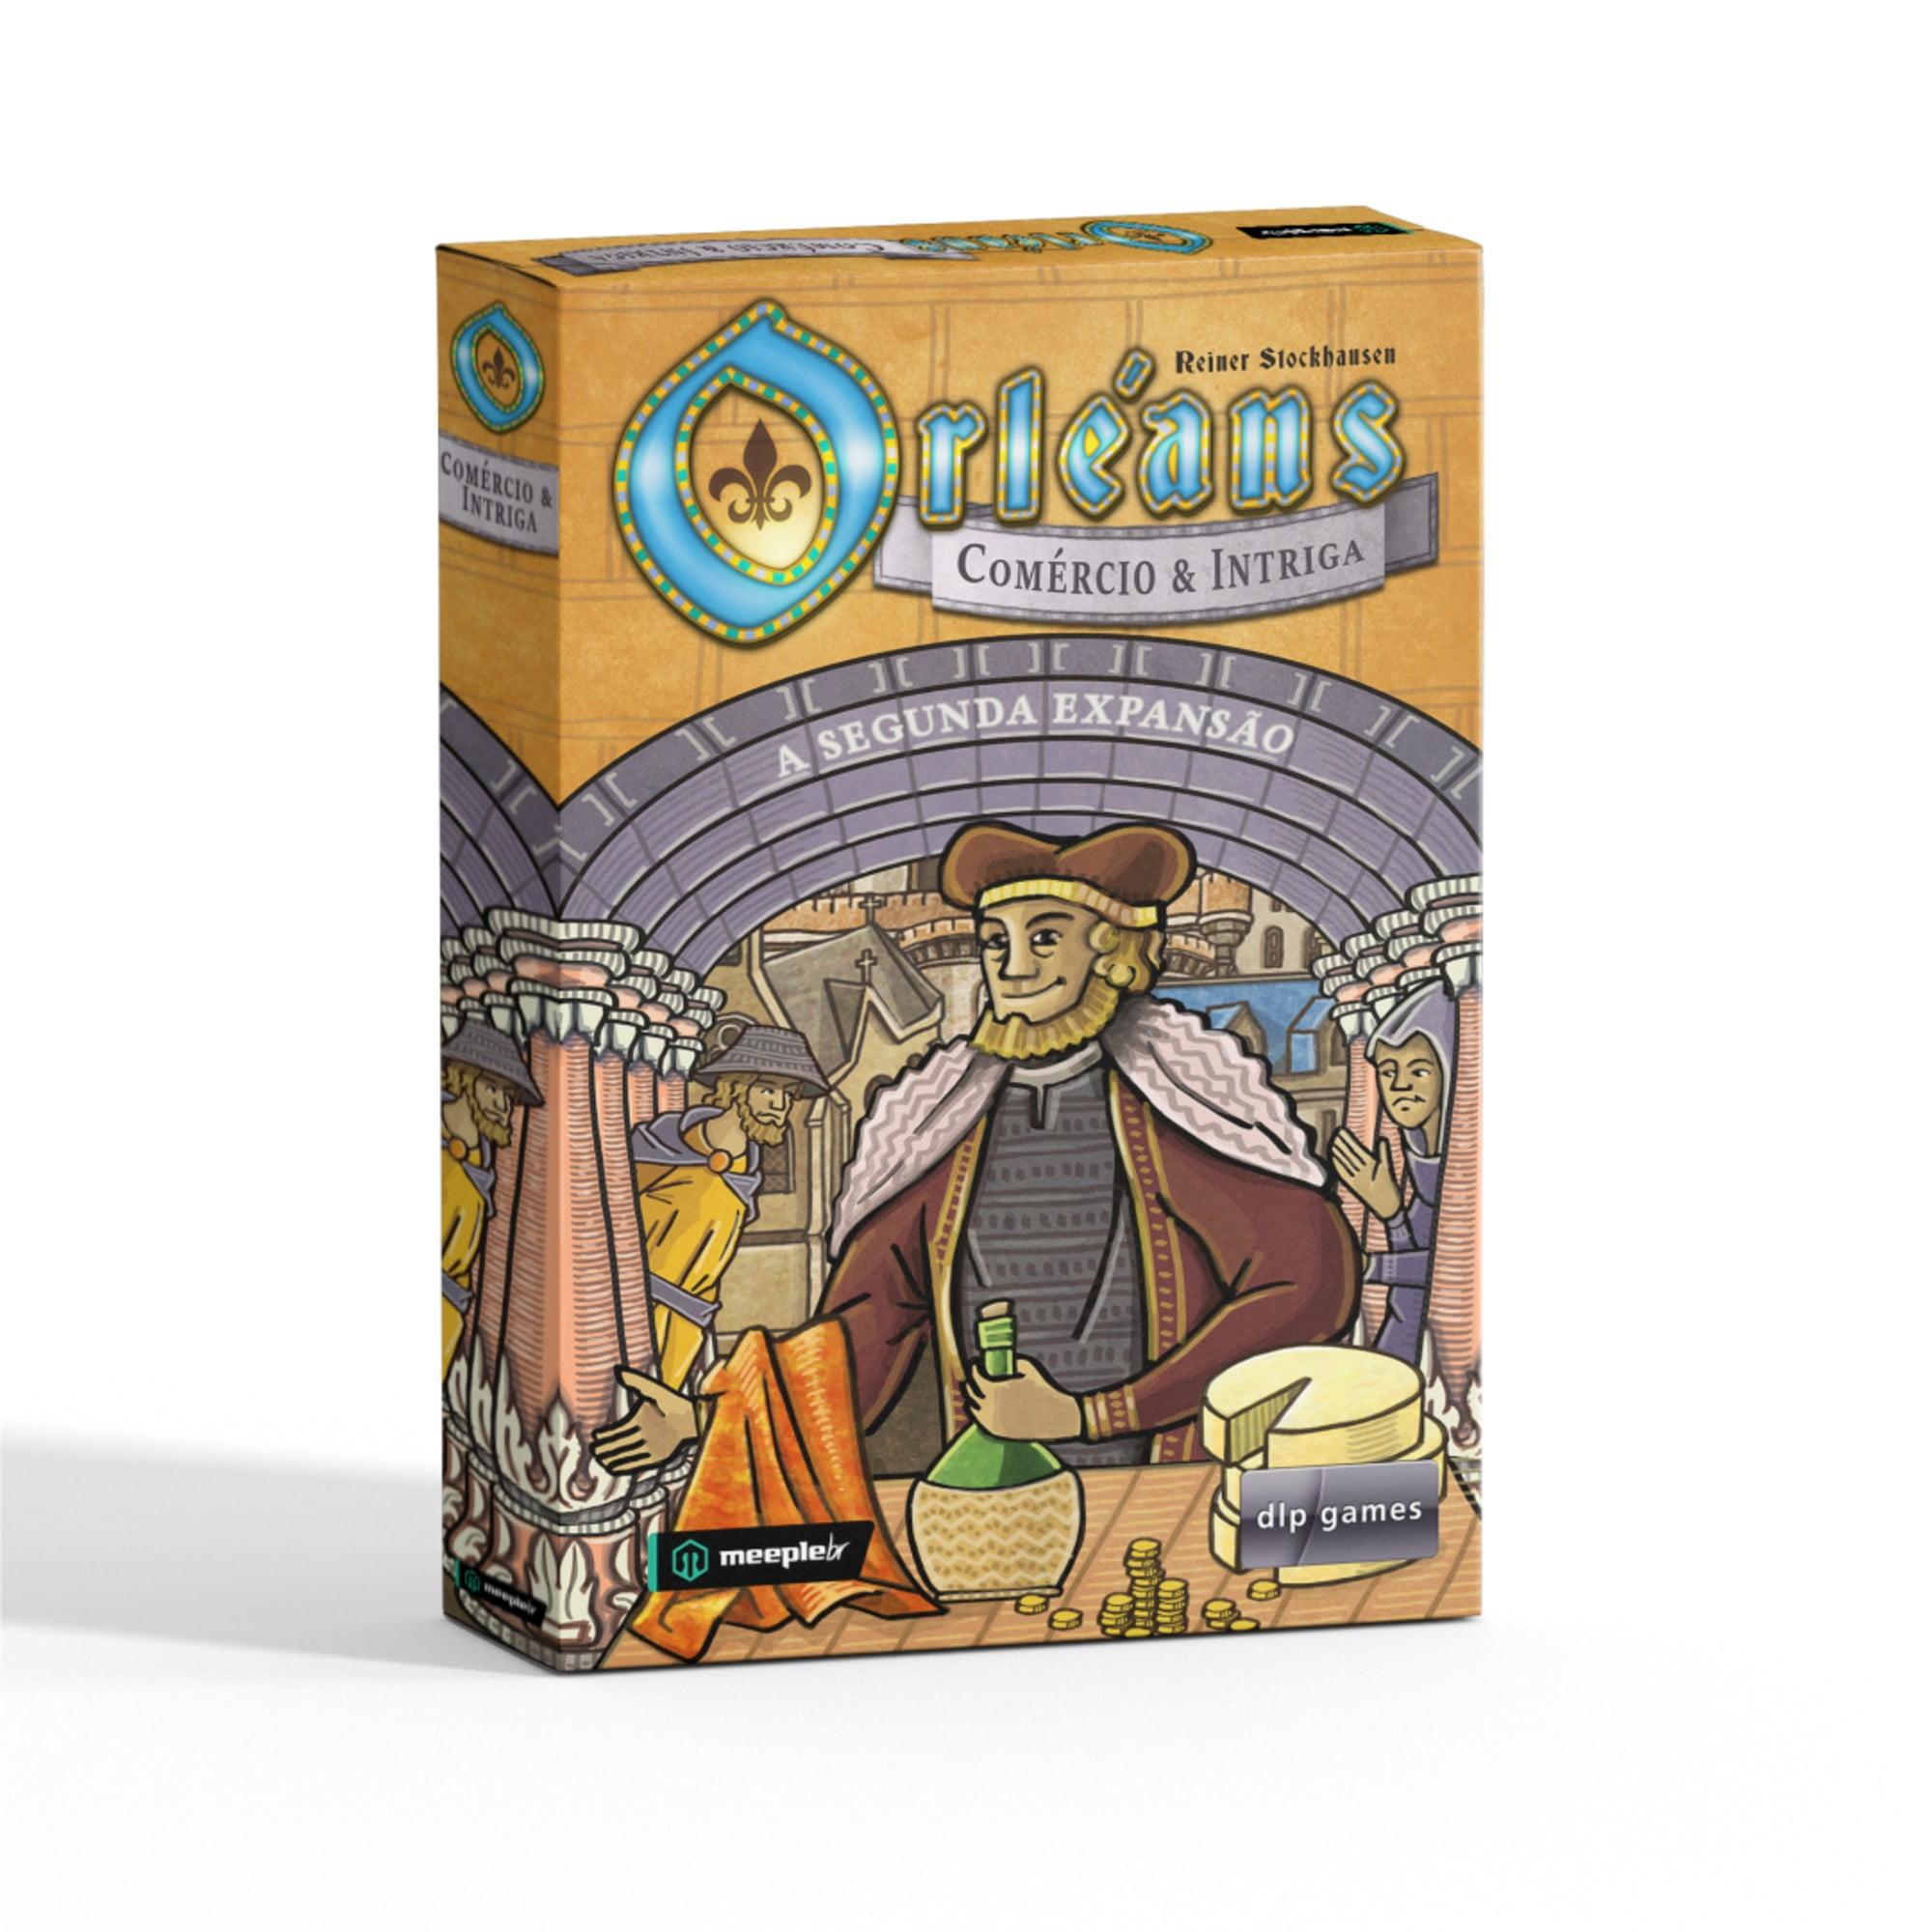 Orléans – Comércio & Intriga (Expansão)